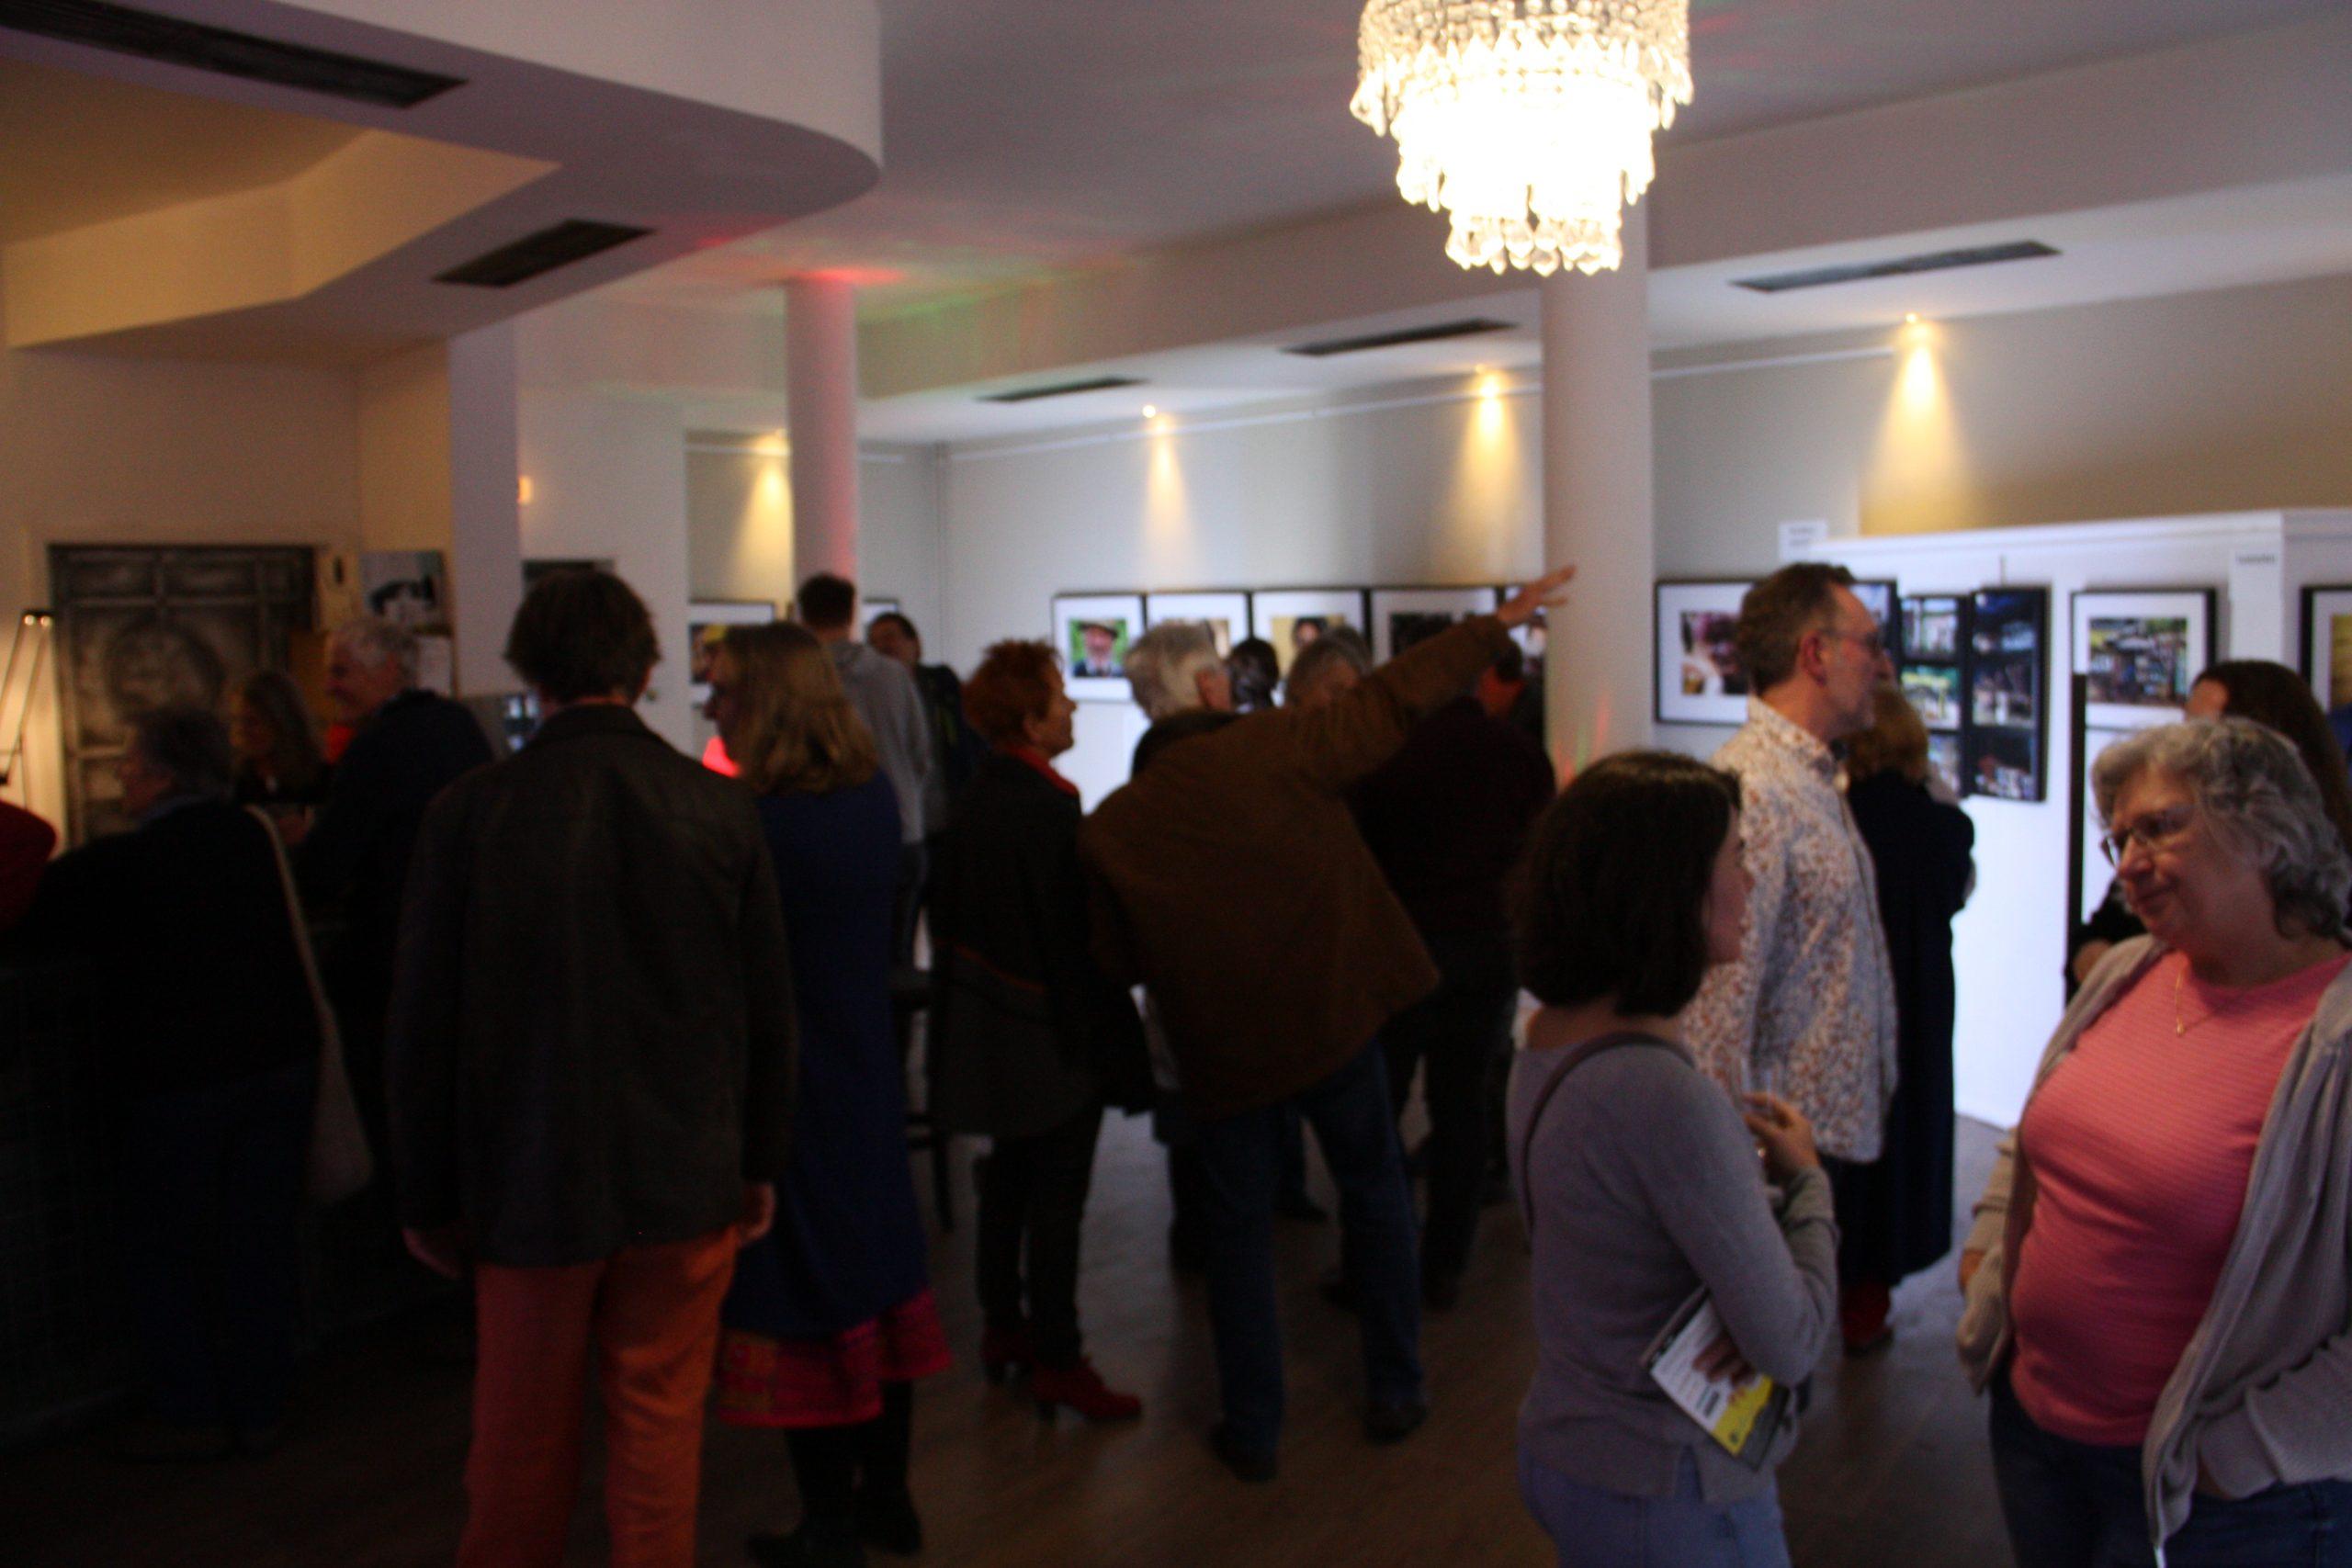 """Ausstellung """"Die Welt ist bunt"""" – PiPaPo 2019 mit Fotograf Ralf Steinberger. Lichtdesign von Günter Klügl"""